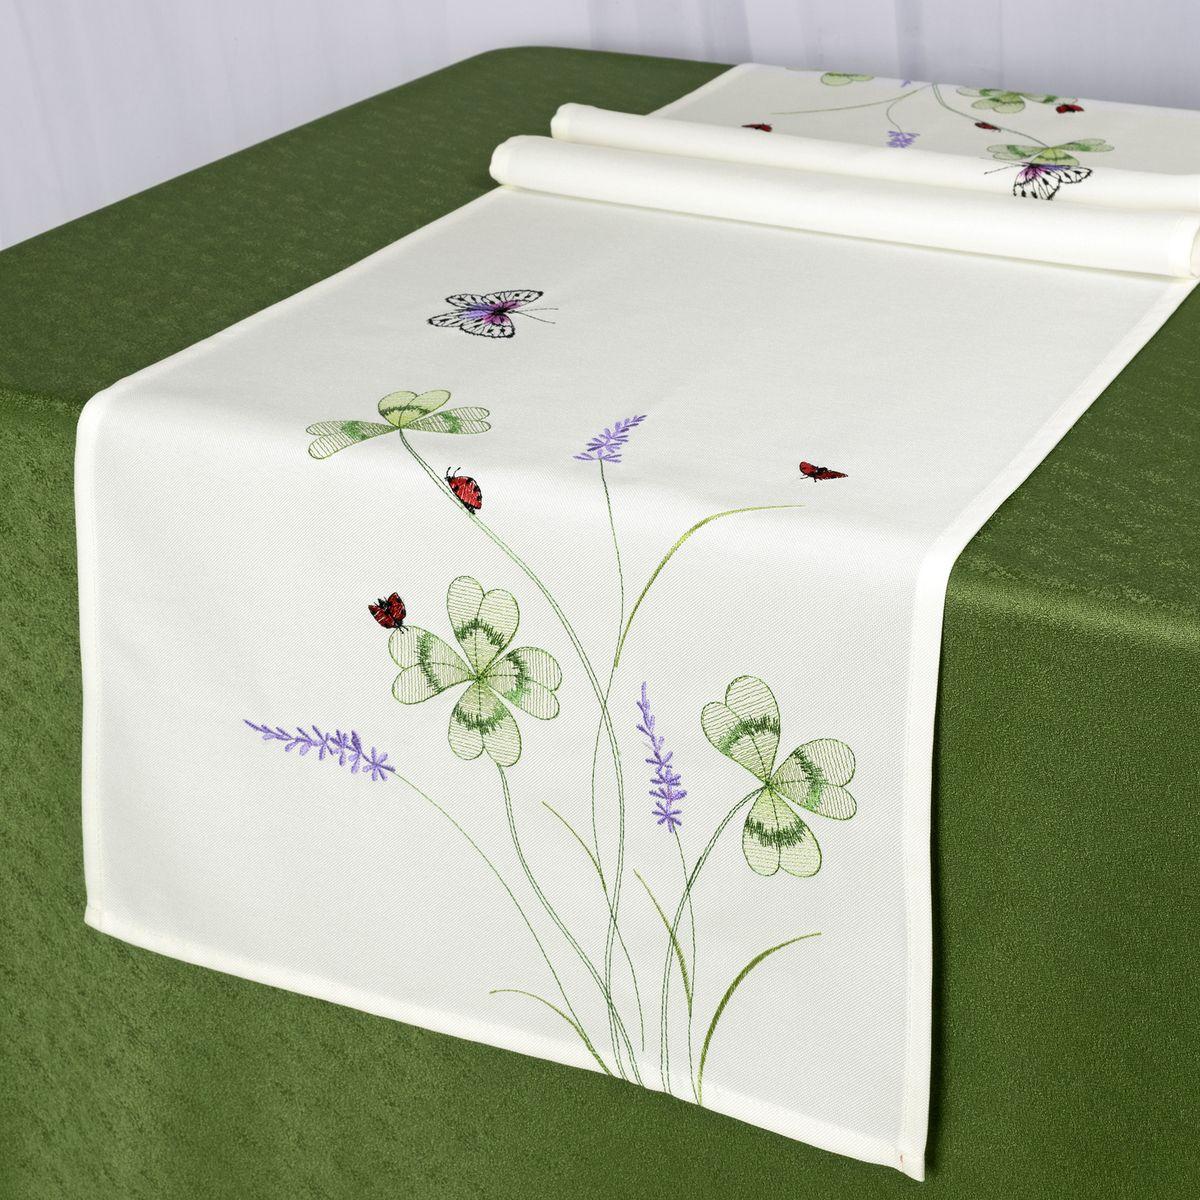 Дорожка для декорирования стола Schaefer, 40 x 140 см, цвет: белый. 07725-211VT-1520(SR)Дорожка для декорирования стола Schaefer может быть использована, как основной элемент, так и дополнение для создания уюта и романтического настроения.Дорожка выполнена из полиэстера. Изделие легко стирать: оно не мнется, не садится и быстро сохнет, более долговечно, чем изделие из натуральных волокон.Материал: 100% полиэстер.Размер: 40 x 140 см.